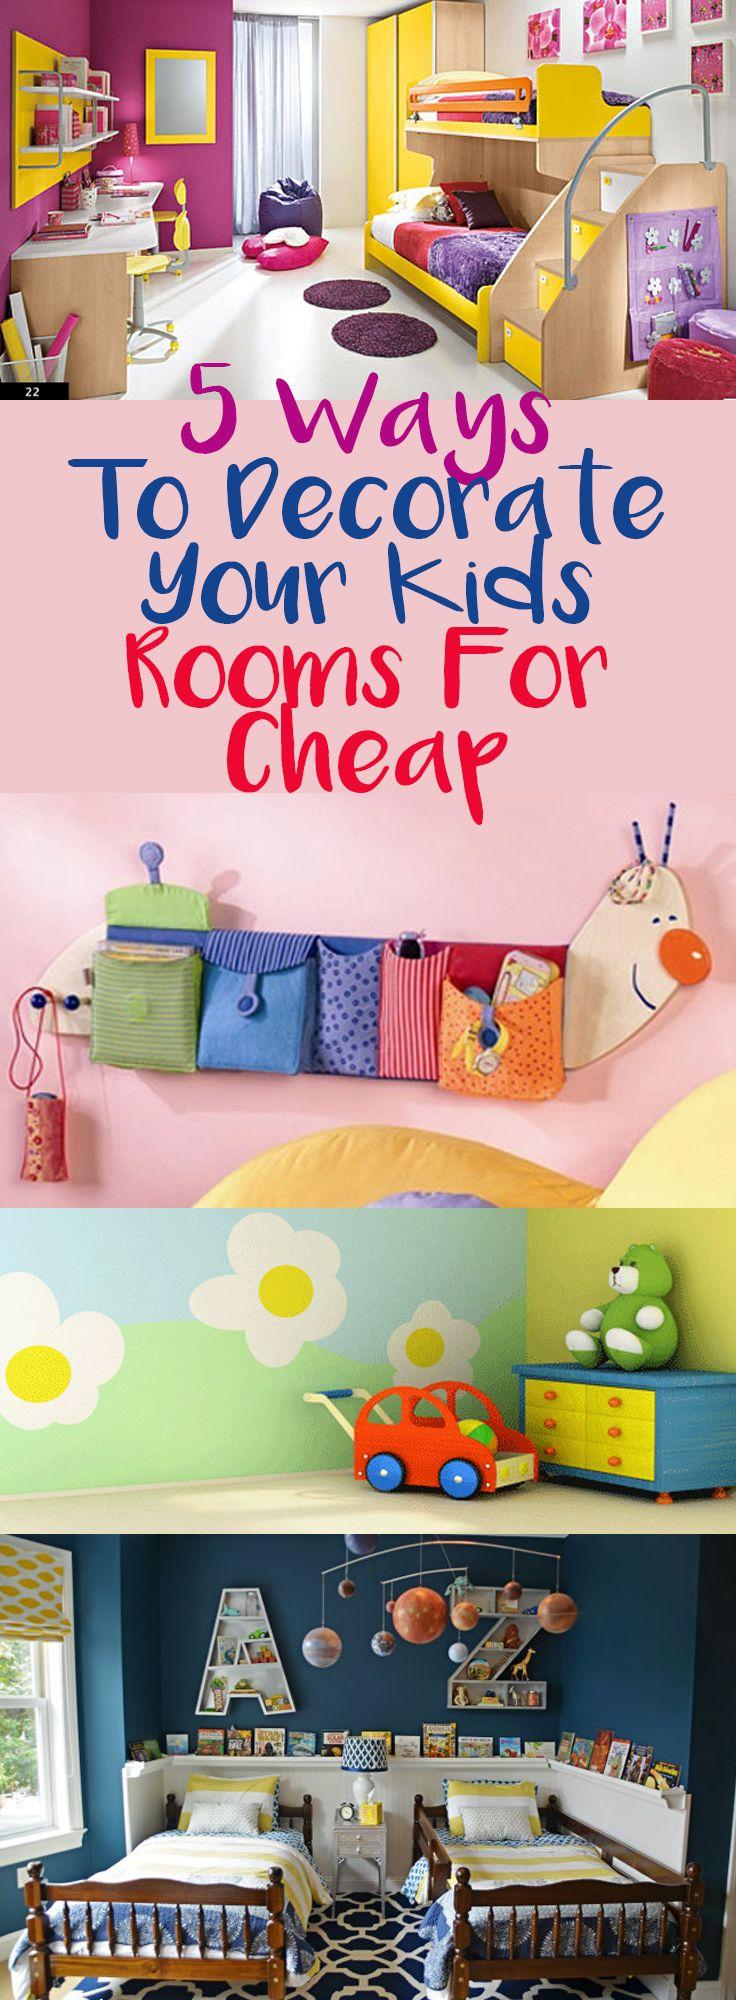 17 best images about diy home decor on pinterest milk. Black Bedroom Furniture Sets. Home Design Ideas